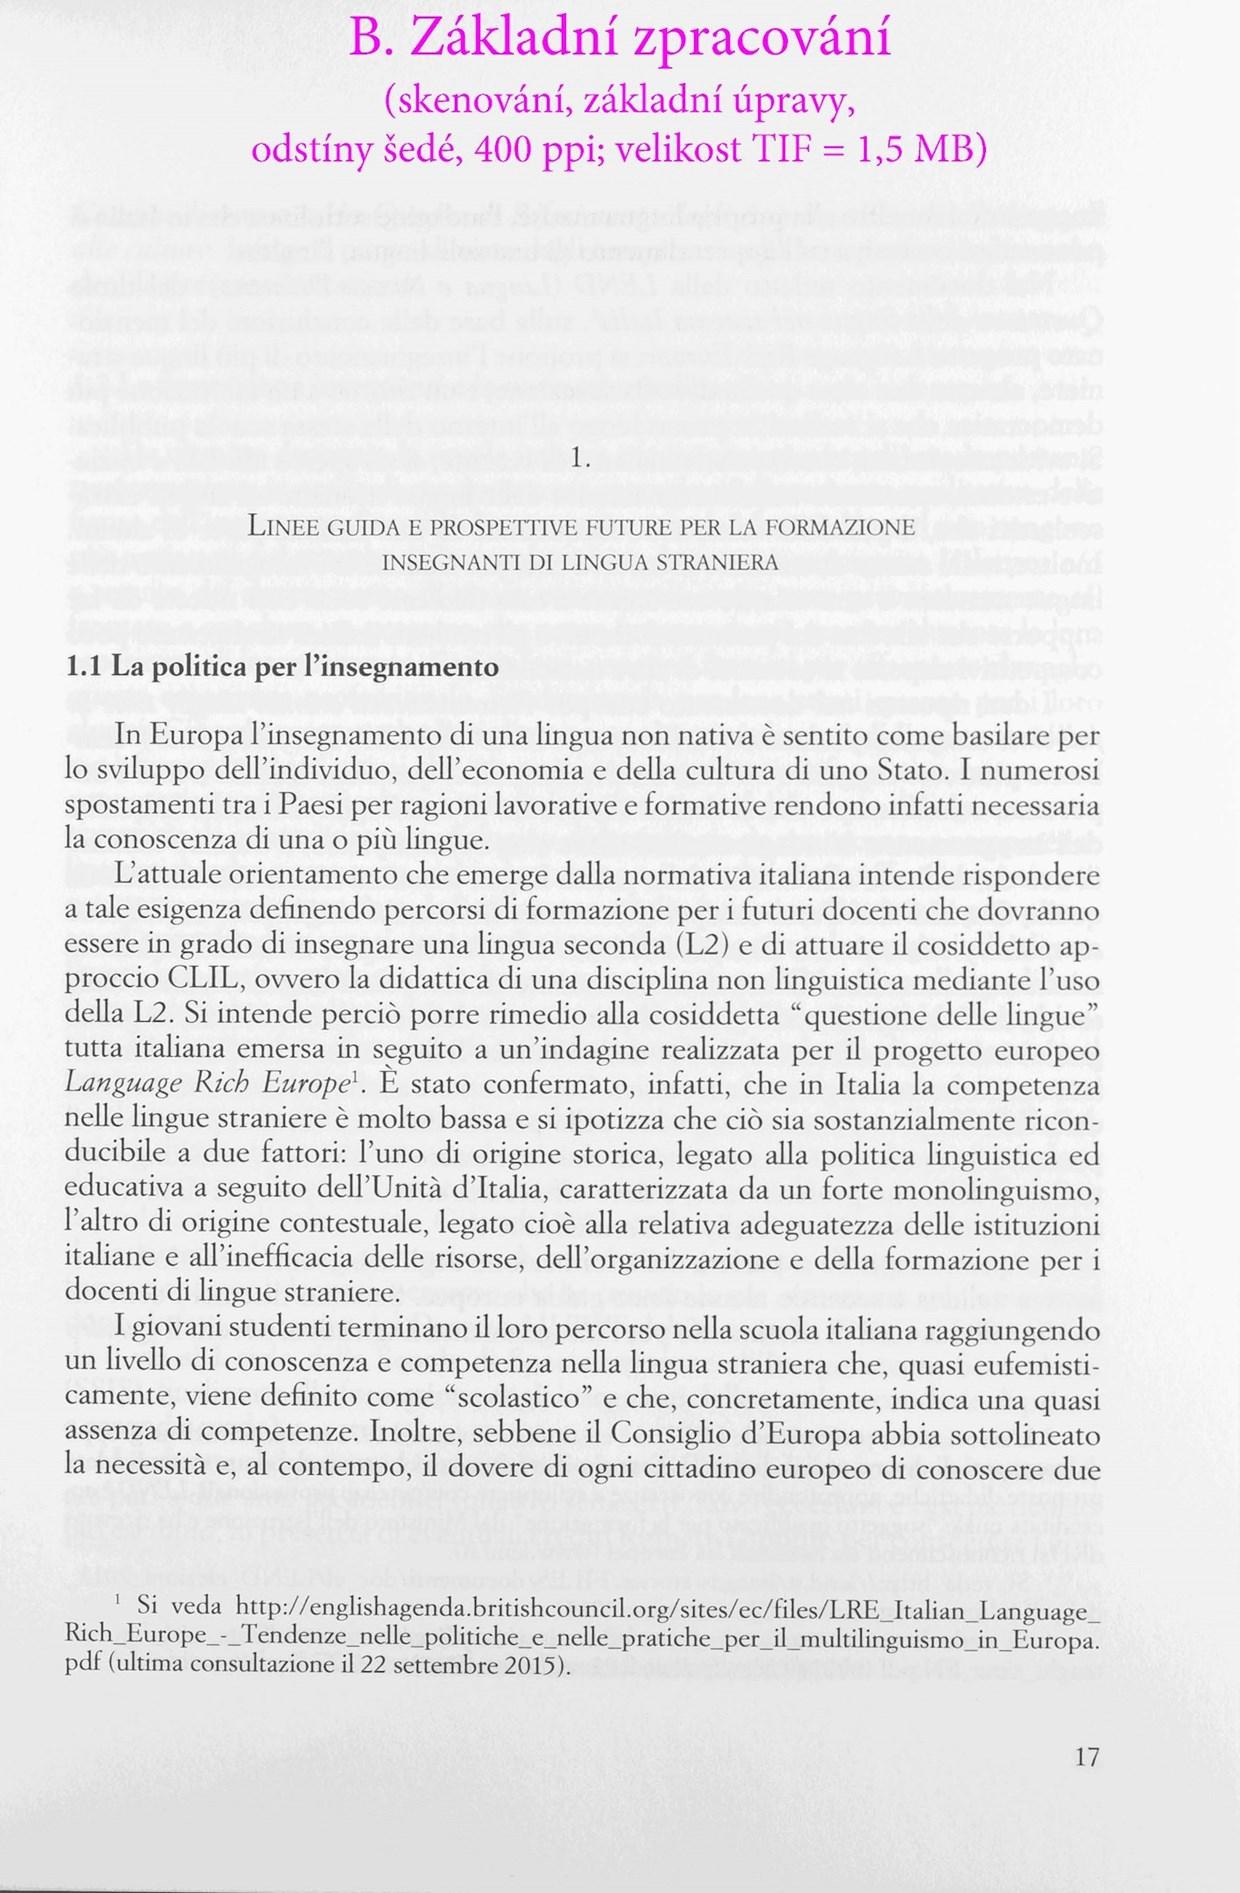 PDF ve vyšší kvalitě (400 ppi), velký soubor (několik MB)